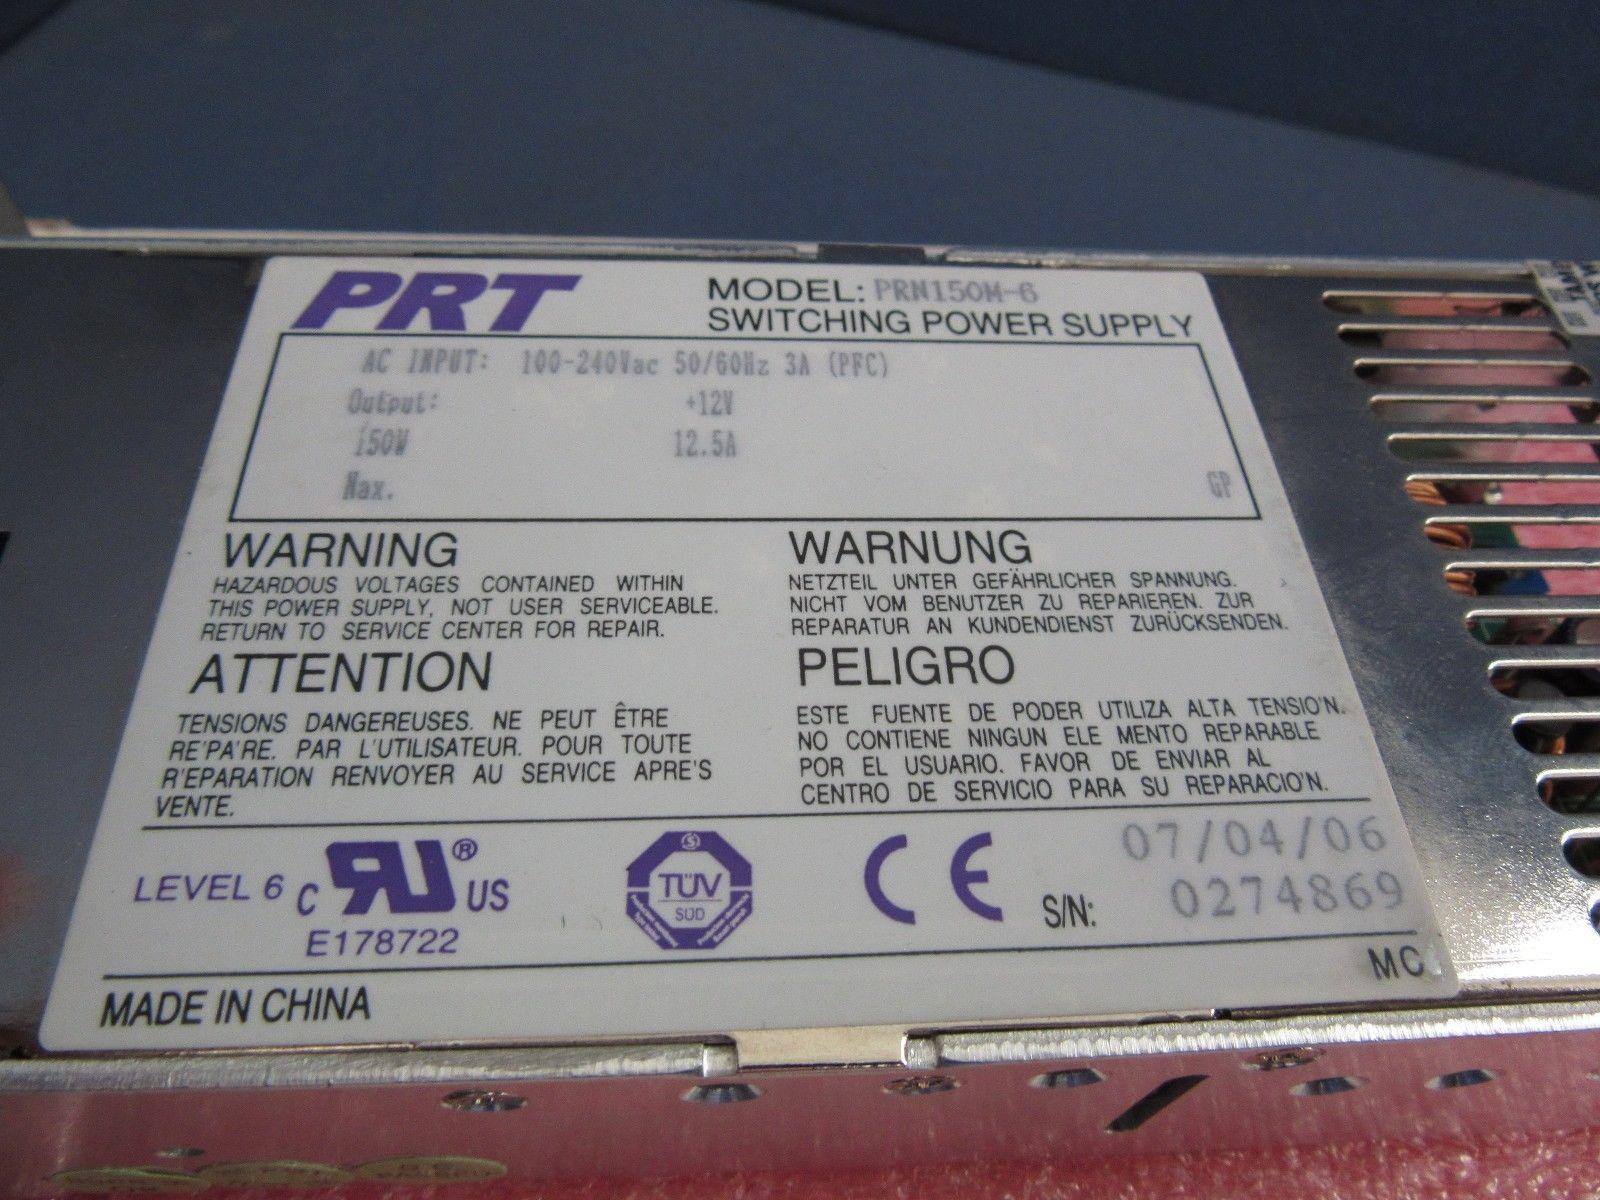 Ремонт импульсного блока питания PRN150M-6 (EM9005 PS-AC) - 4